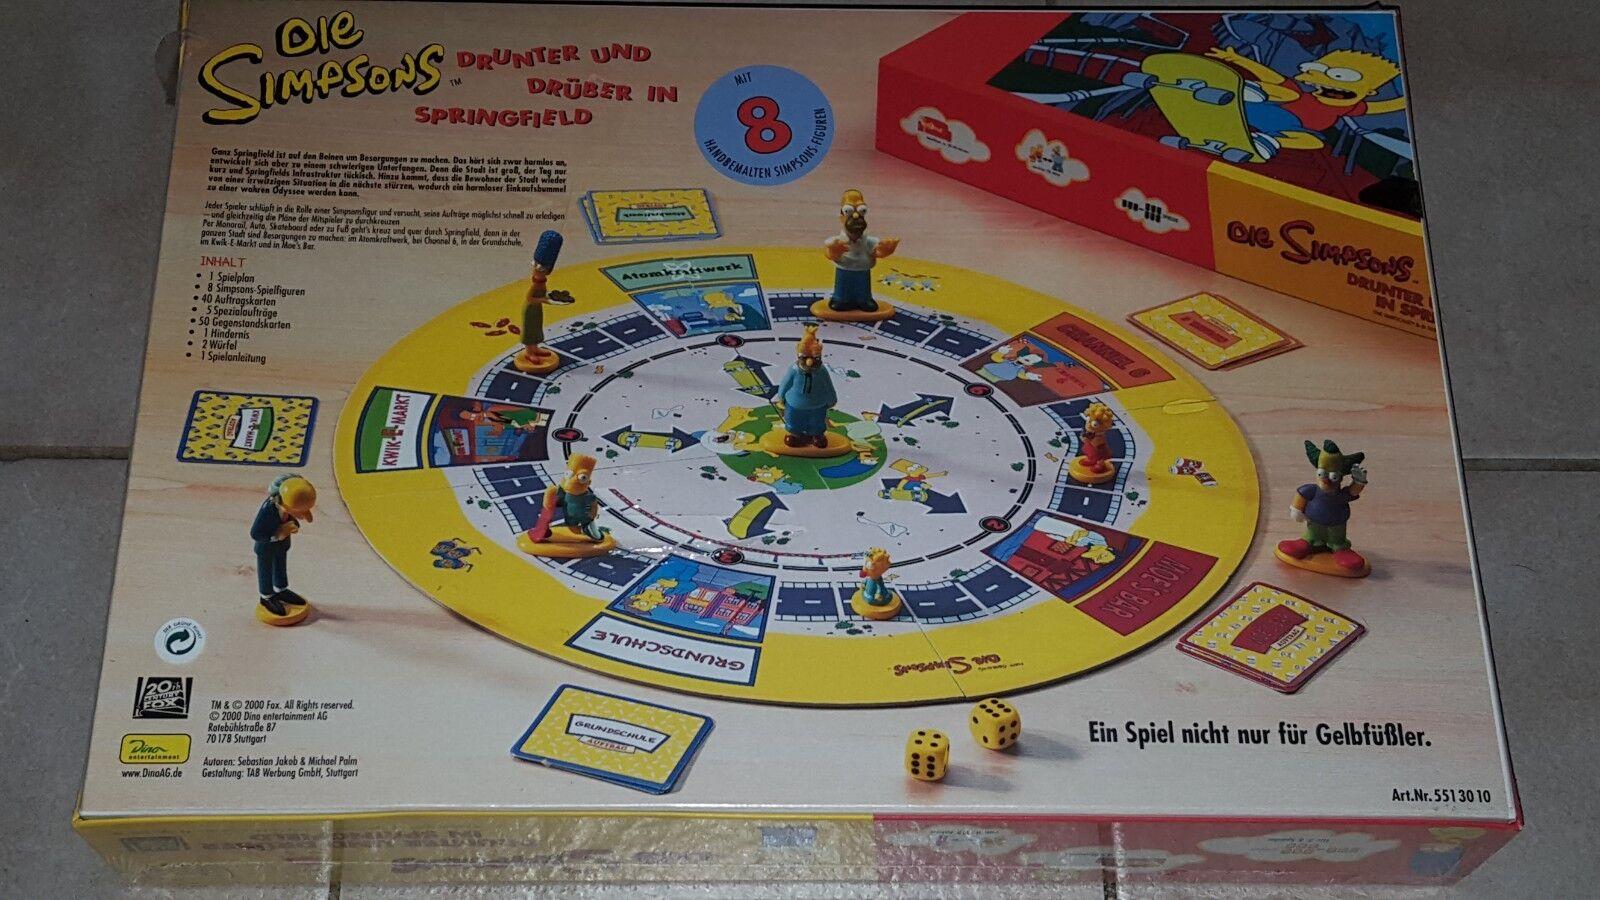 Les Simpson-dessous et par-dessus à Springfield-Dino jeu de plateau NOUVEAU NOUVEAU NOUVEAU & NEUF dans sa boîte 3978d5